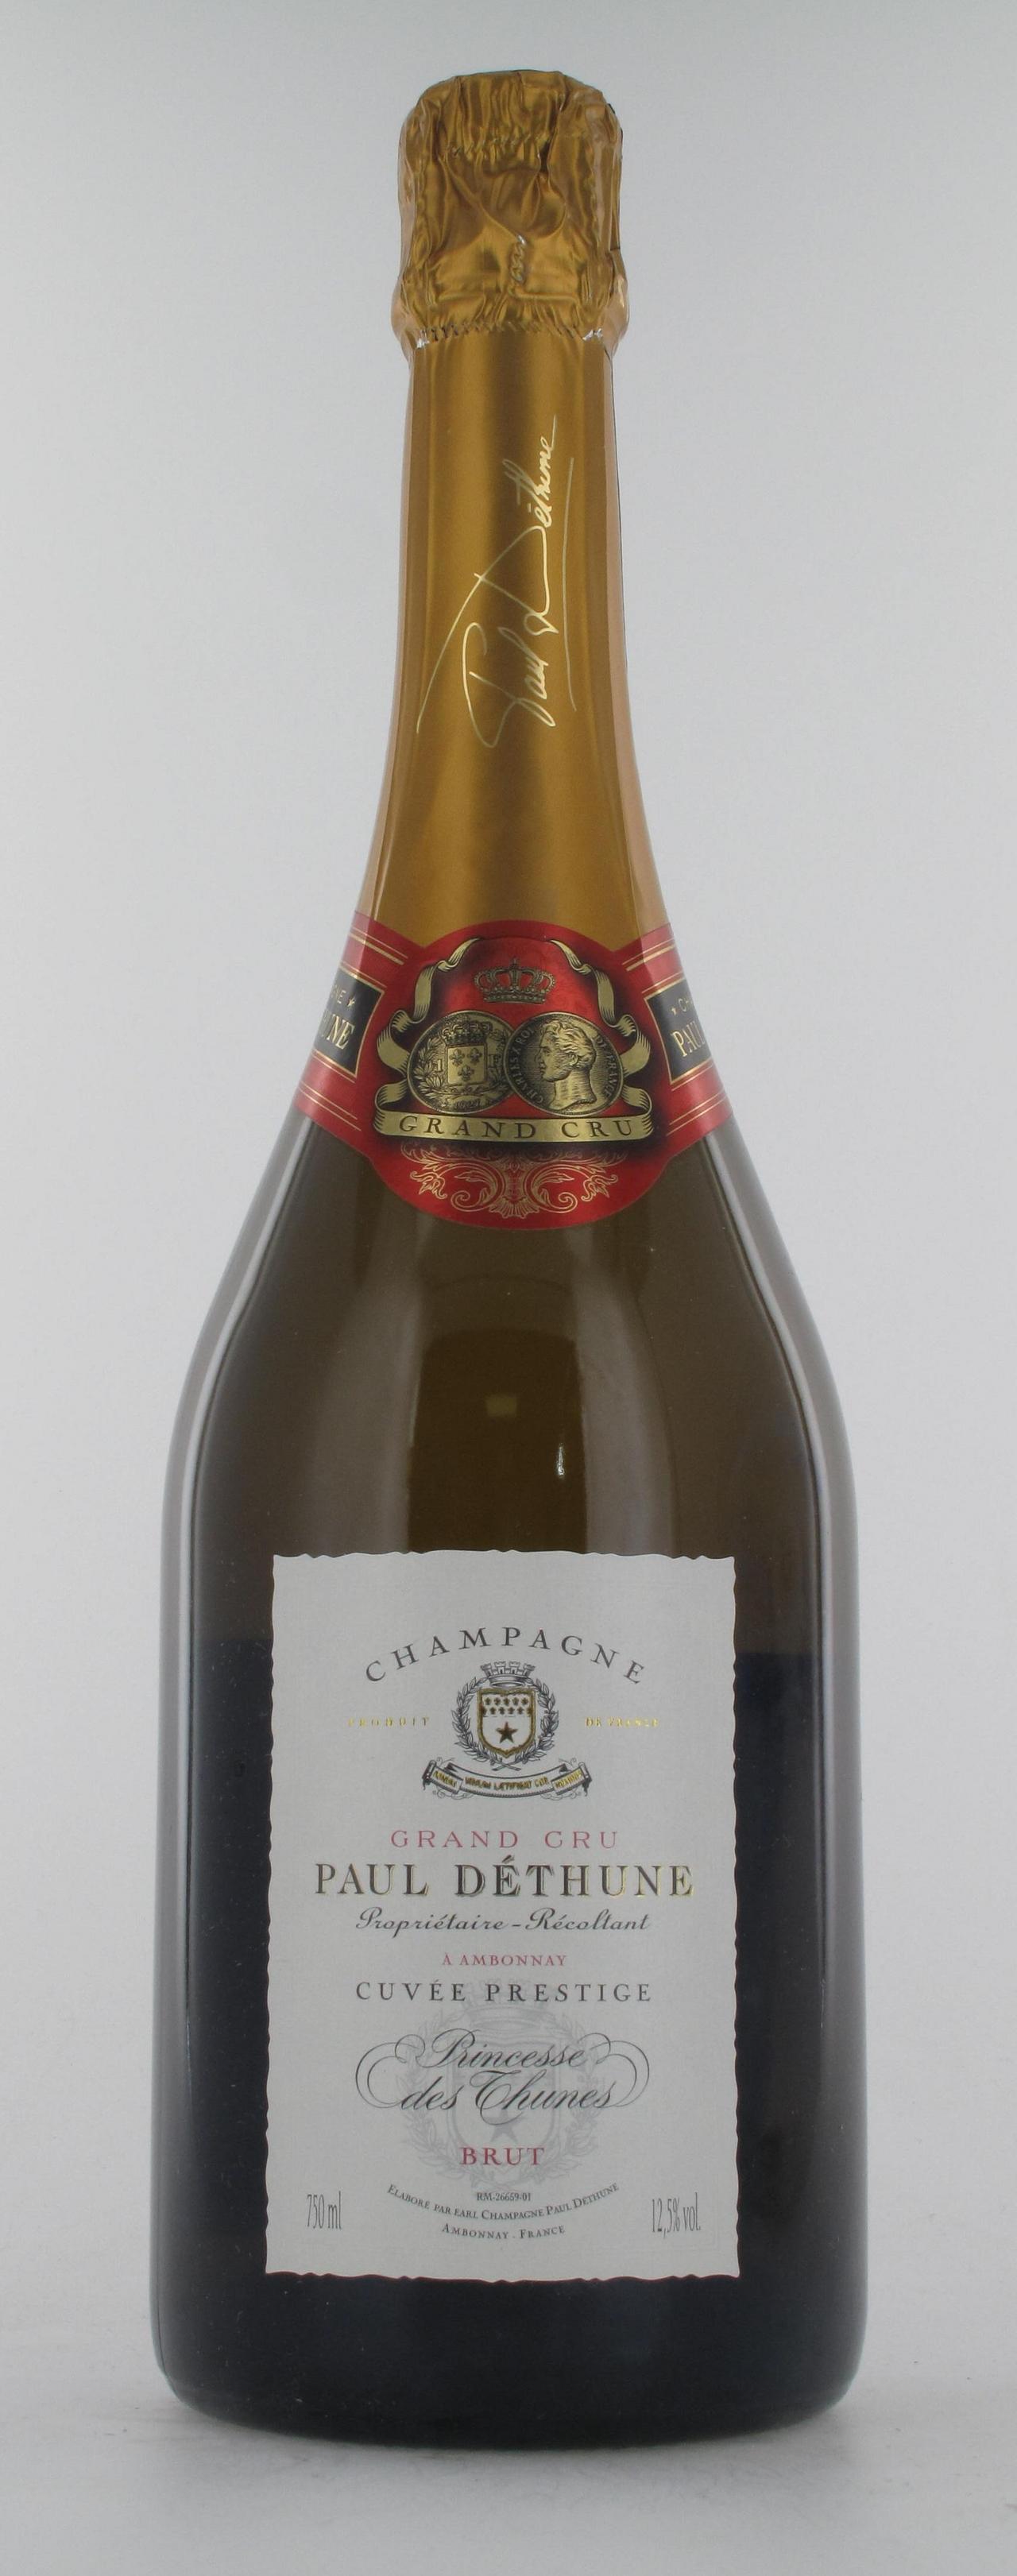 Paul Dethune, Cuvée Prestige Princesse, Brut, Champagne